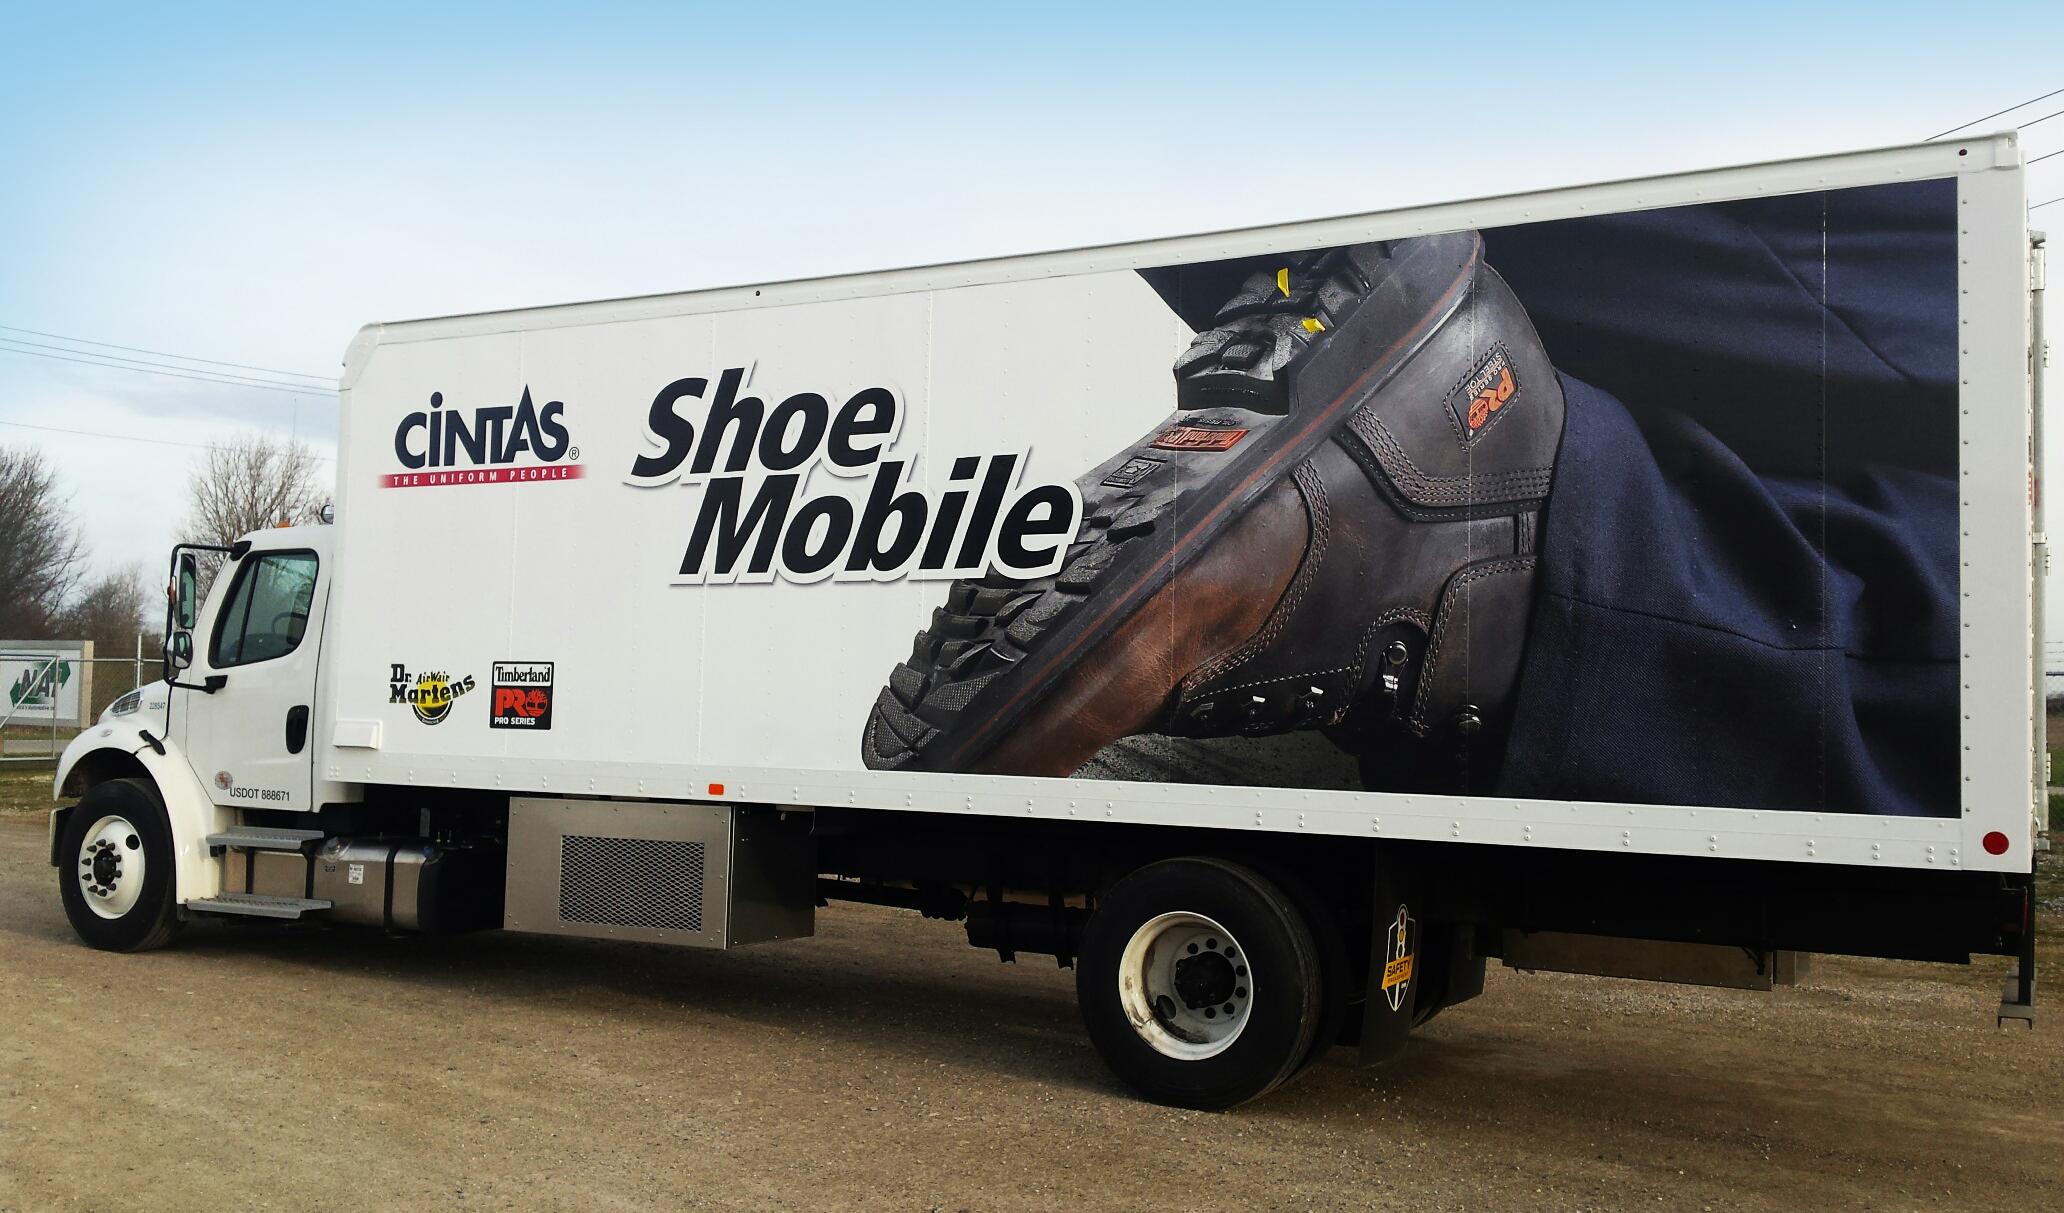 Cintas_ShoeMobile